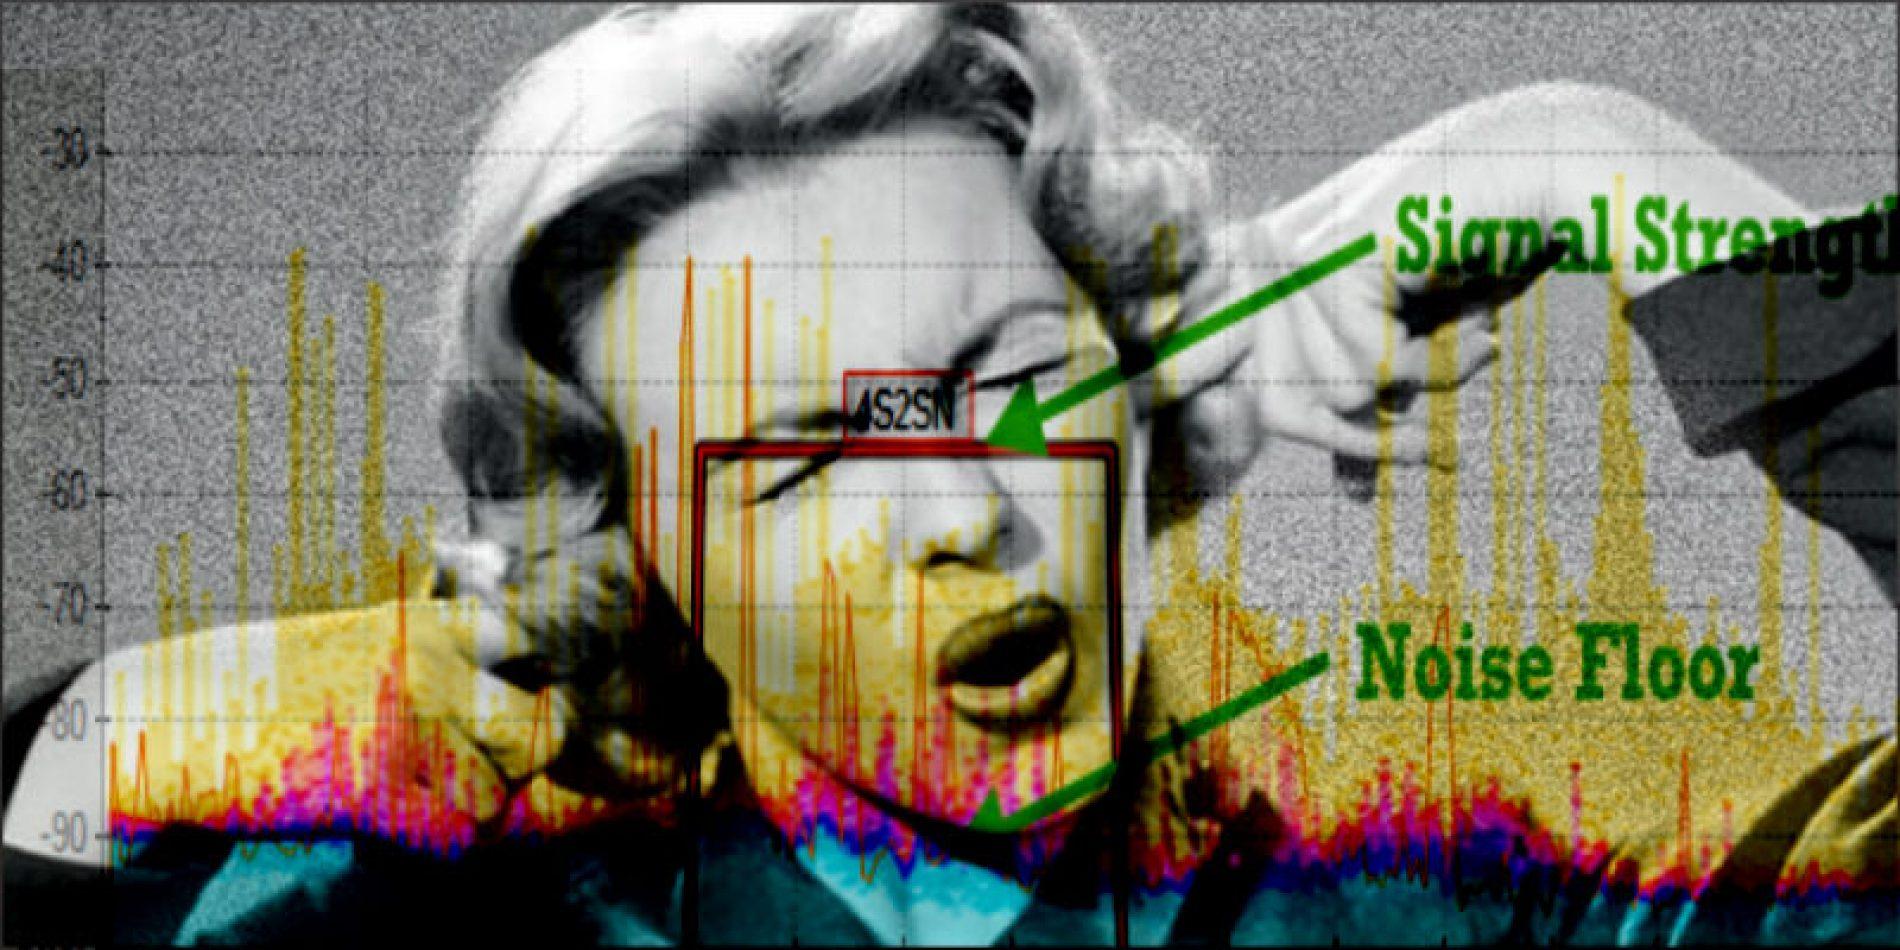 Noise Floor: ¿qué es y cómo afecta a los receptores de RF?